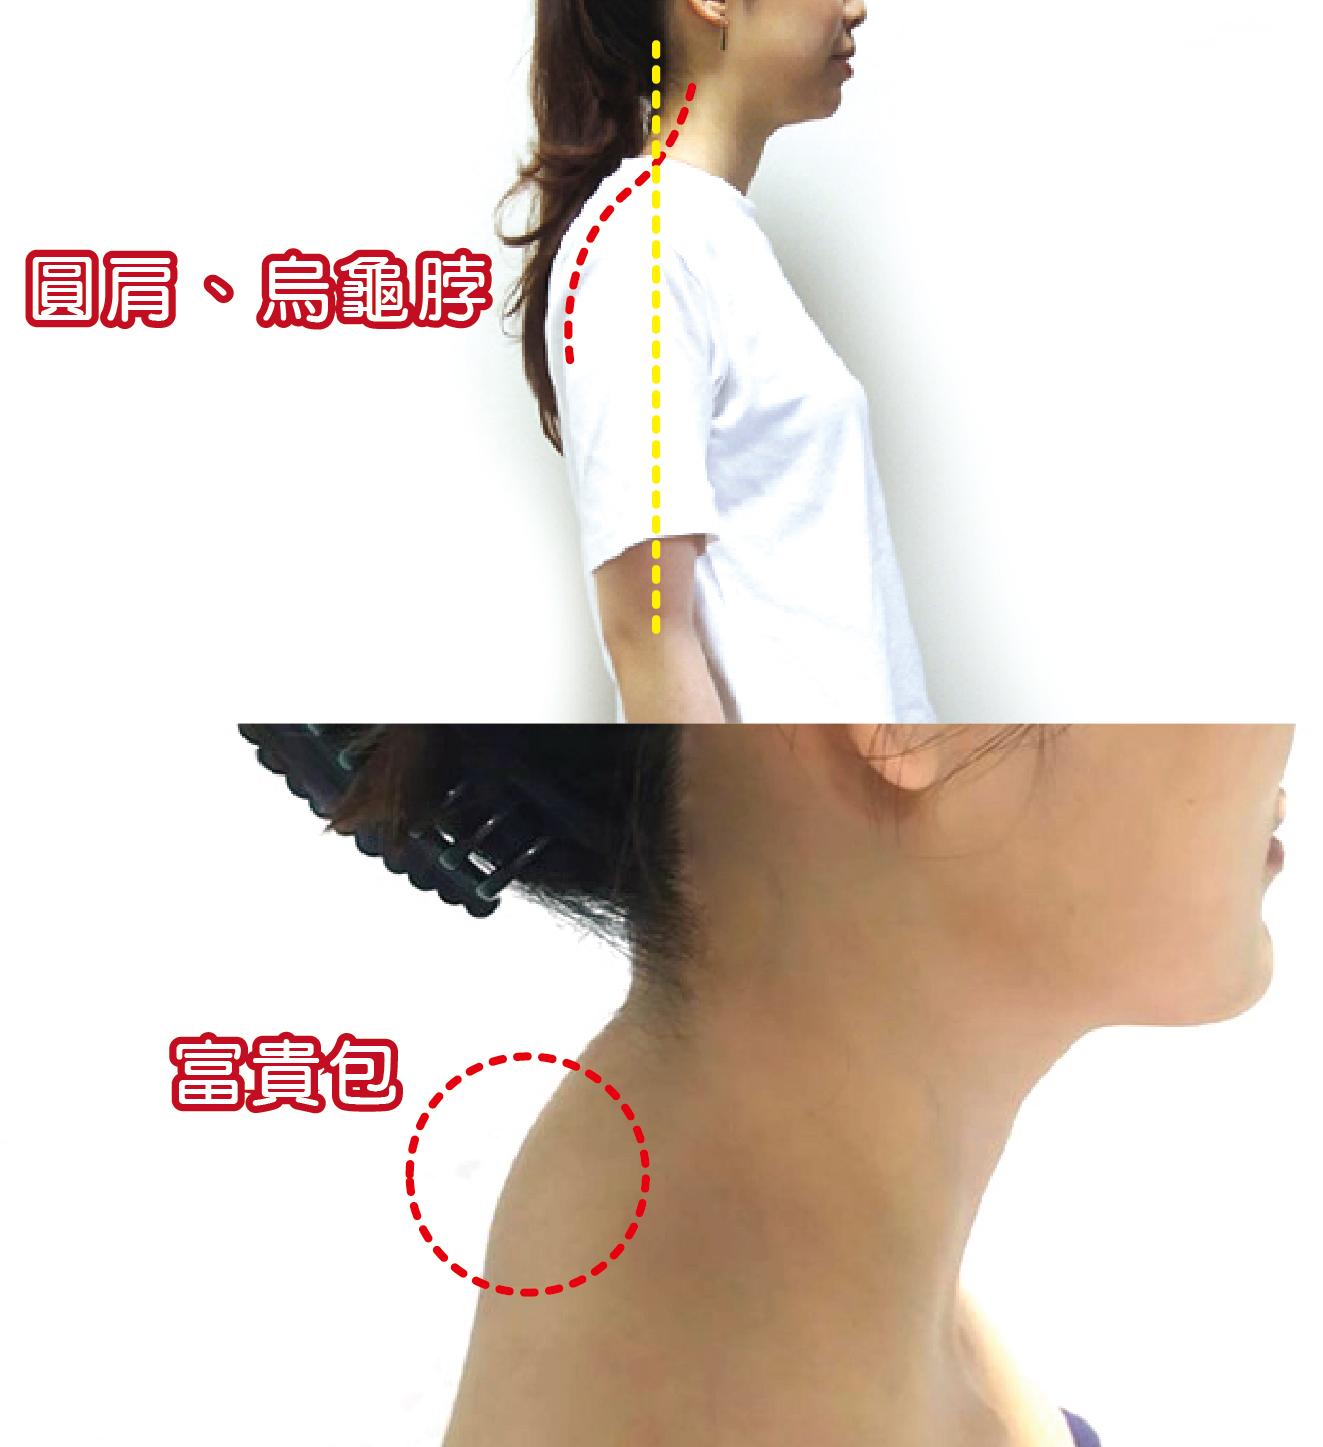 圓肩、烏龜脖、富貴包的局部放大圖